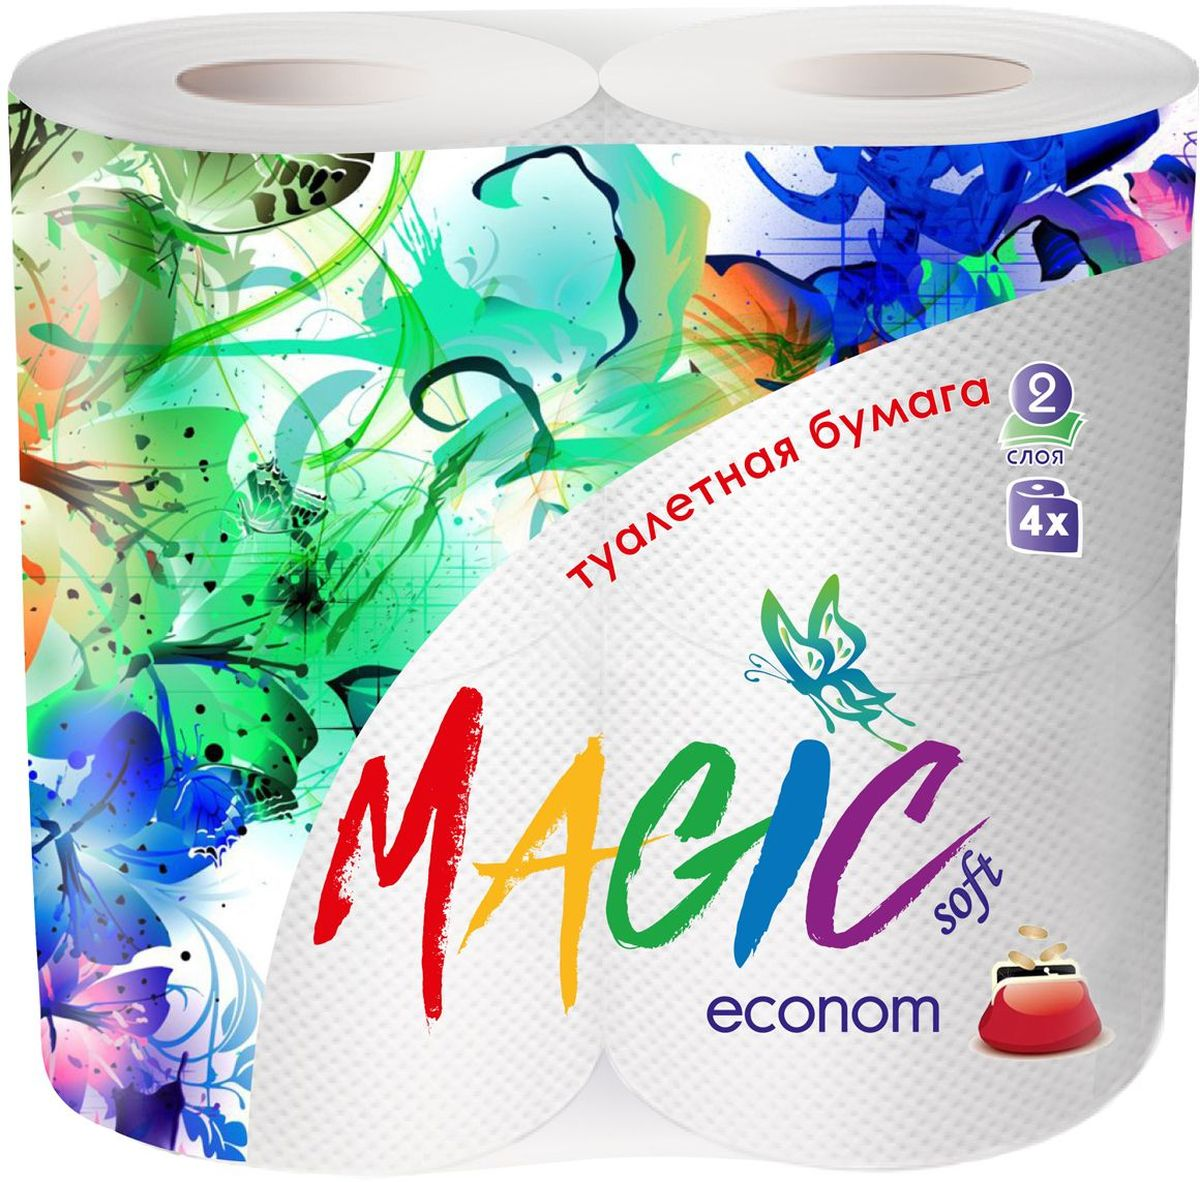 Туалетная бумага Magic Soft Econom, цвет: белый, 4 рулона20195Туалетная бумага Magic имеет 2 слоя. Она предназначена для бытового и санитарно-гигиенического назначения. Одноразового использования.В комплекте: 4 рулона.